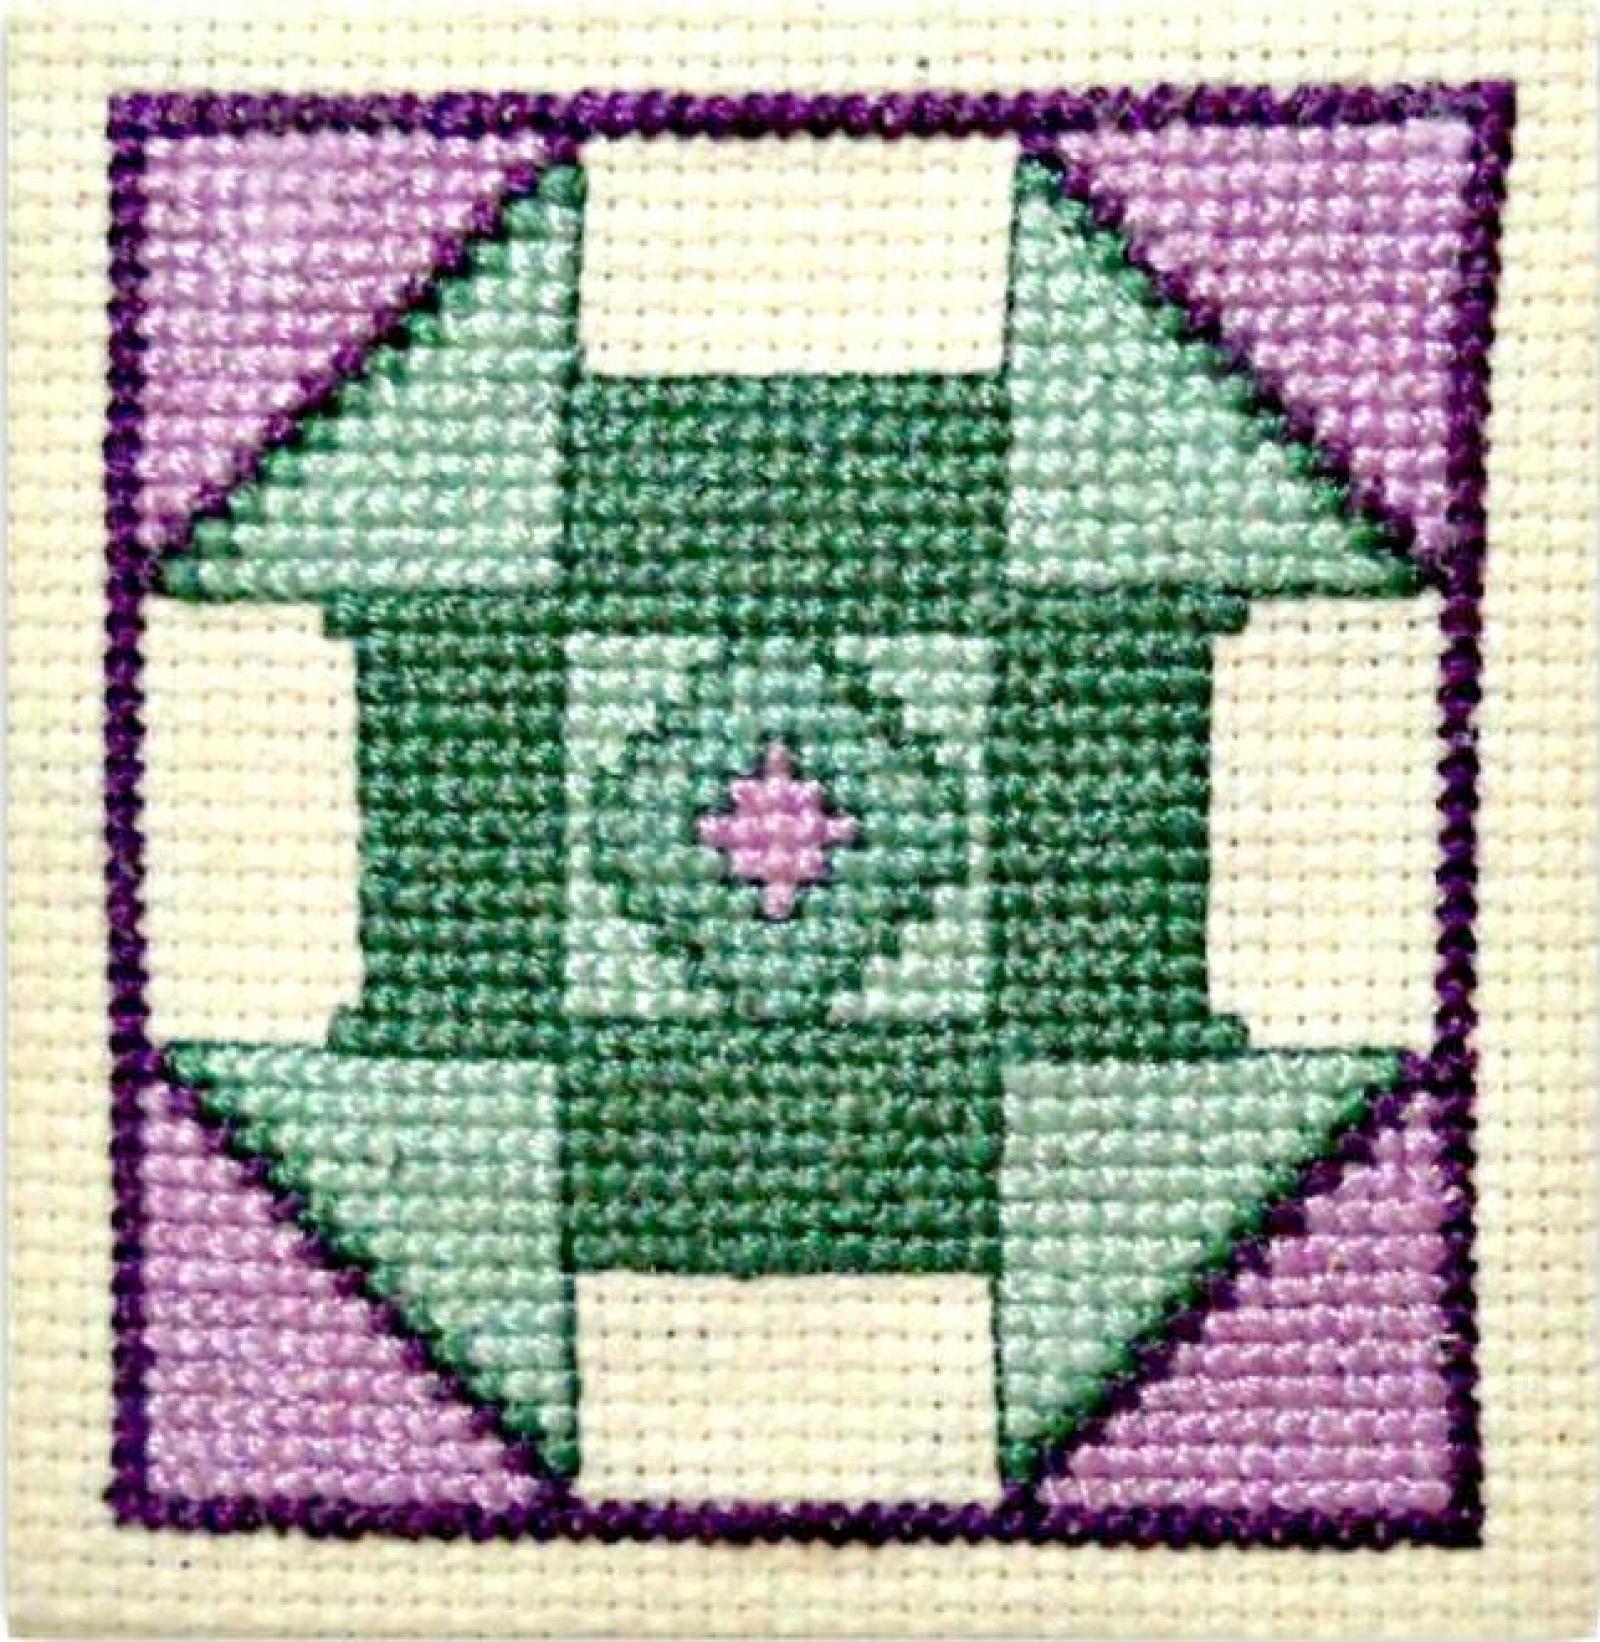 Cross Stitch Quilt Patterns : Churn Dash Quilt Block Counted Cross Stitch Pattern ACNeedlework